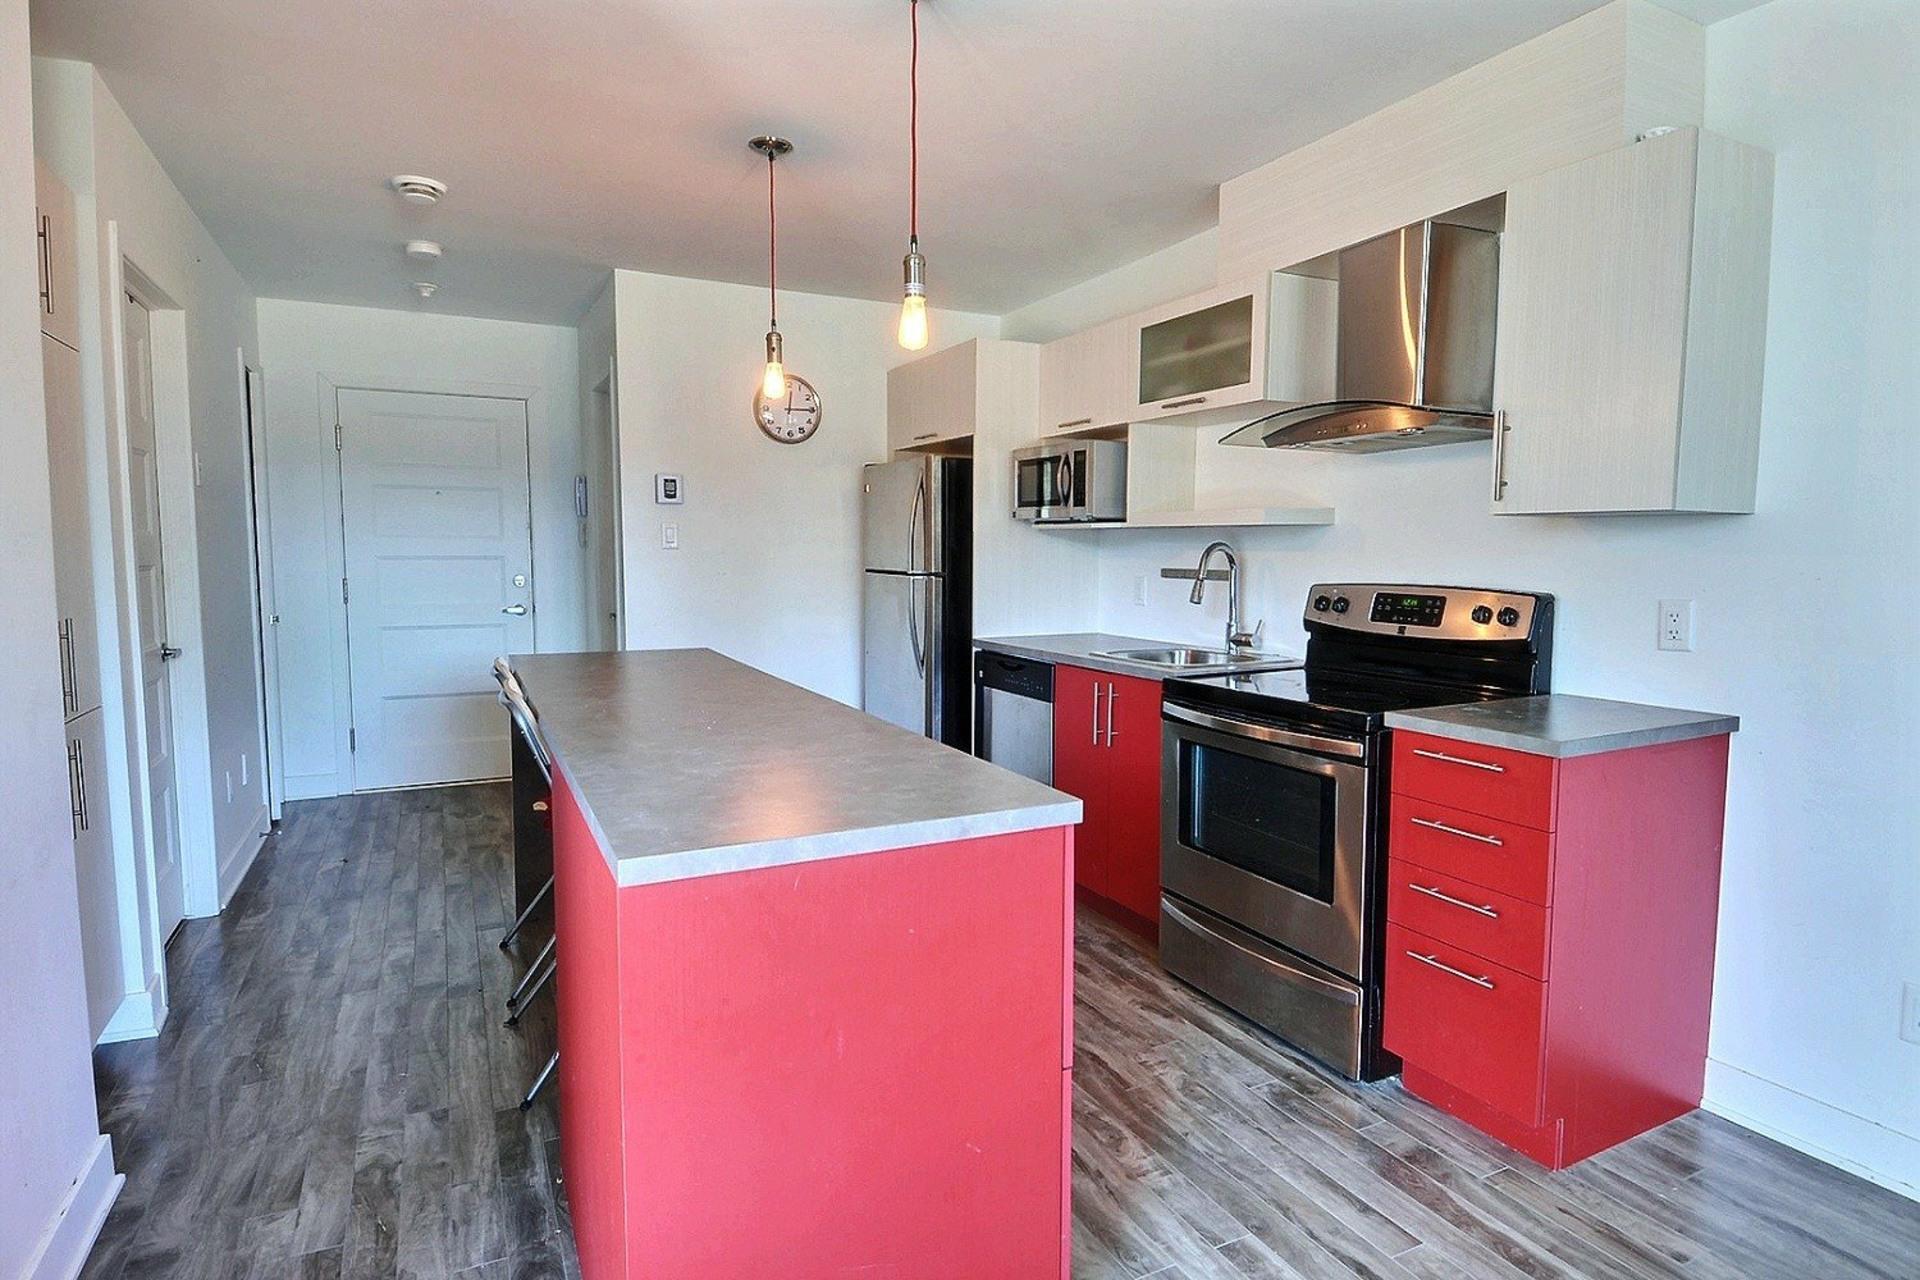 image 2 - Apartment For sale Sainte-Anne-des-Plaines - 4 rooms